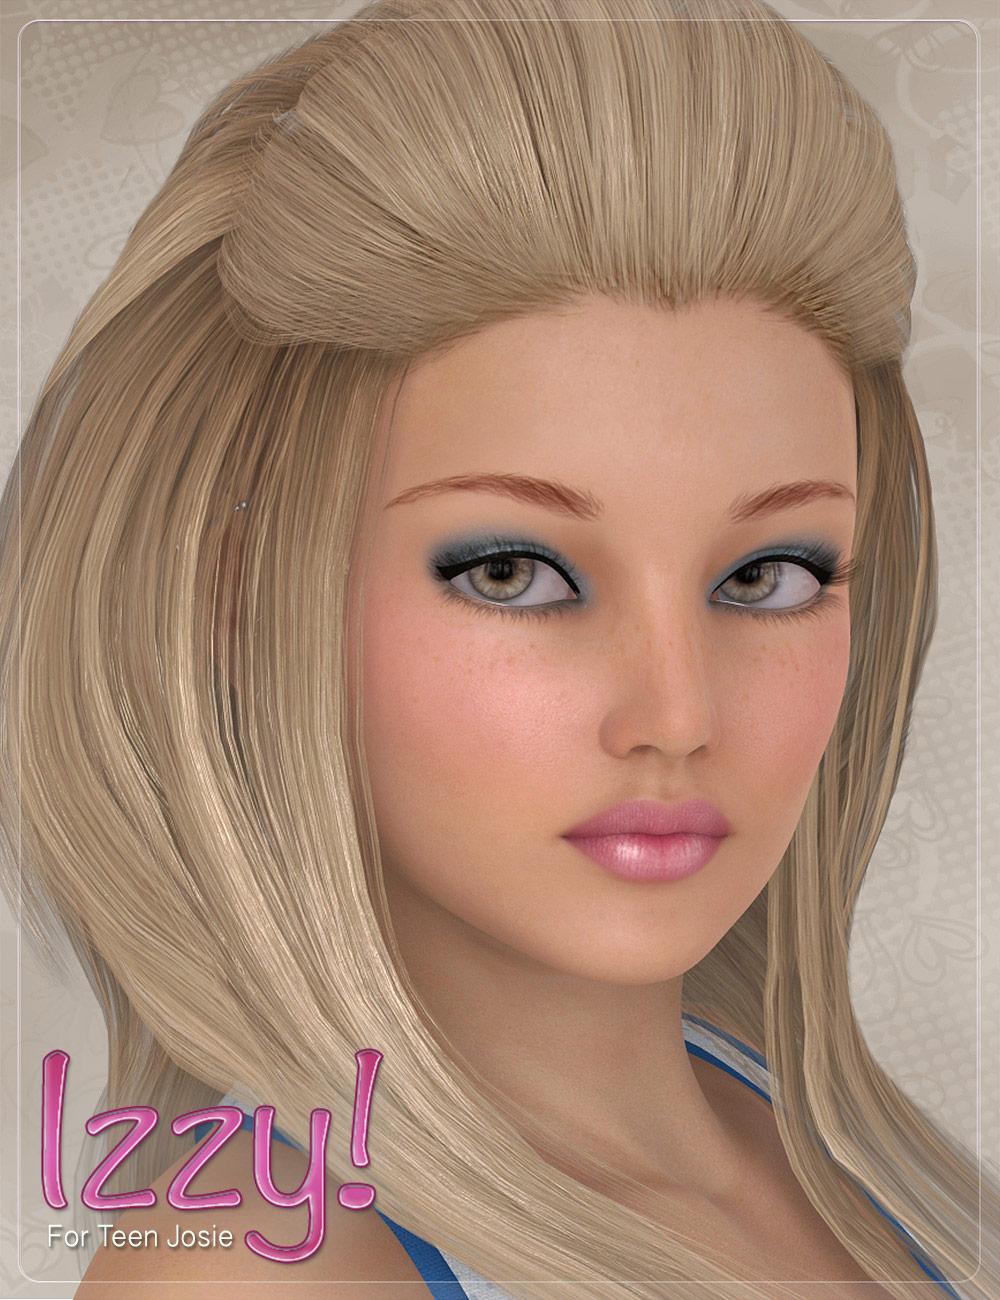 Izzy by: DemonicaEviliusJessaii, 3D Models by Daz 3D